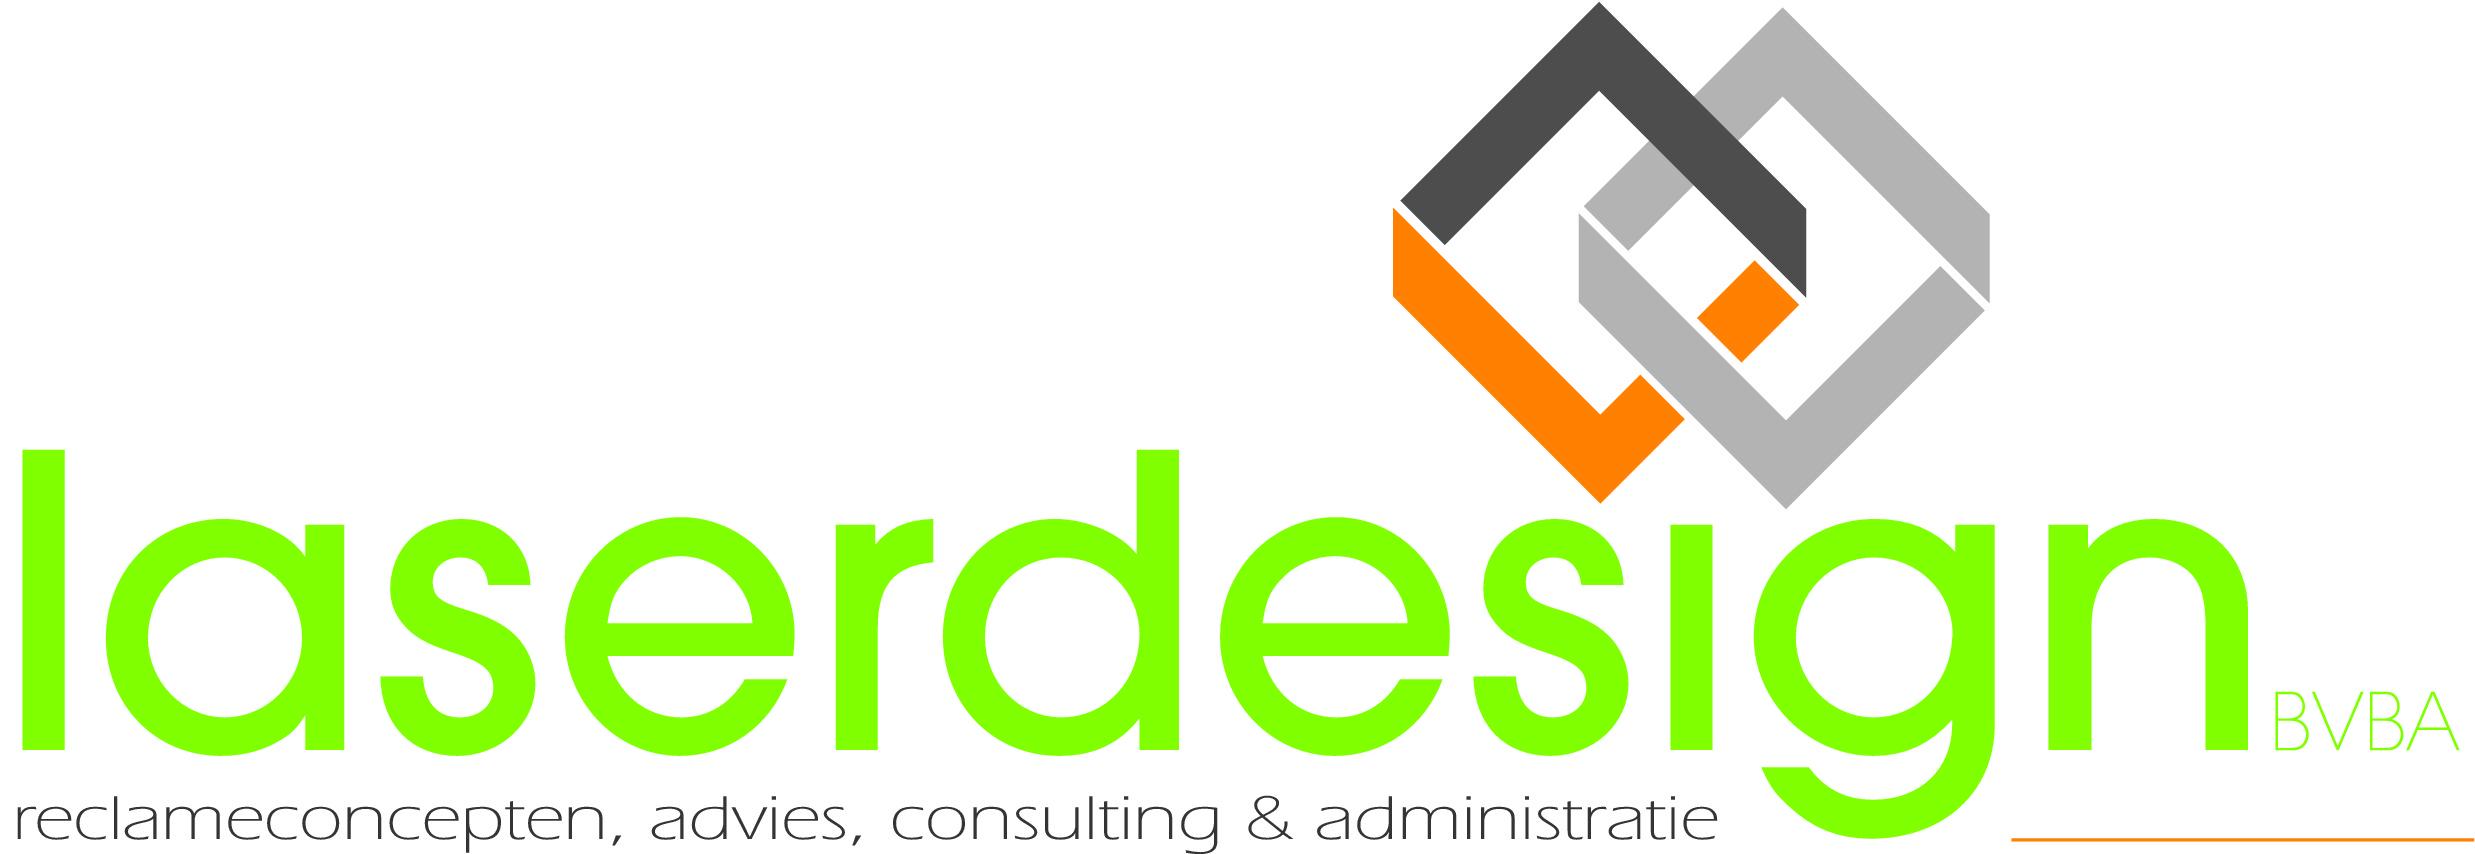 Laserdesign logo